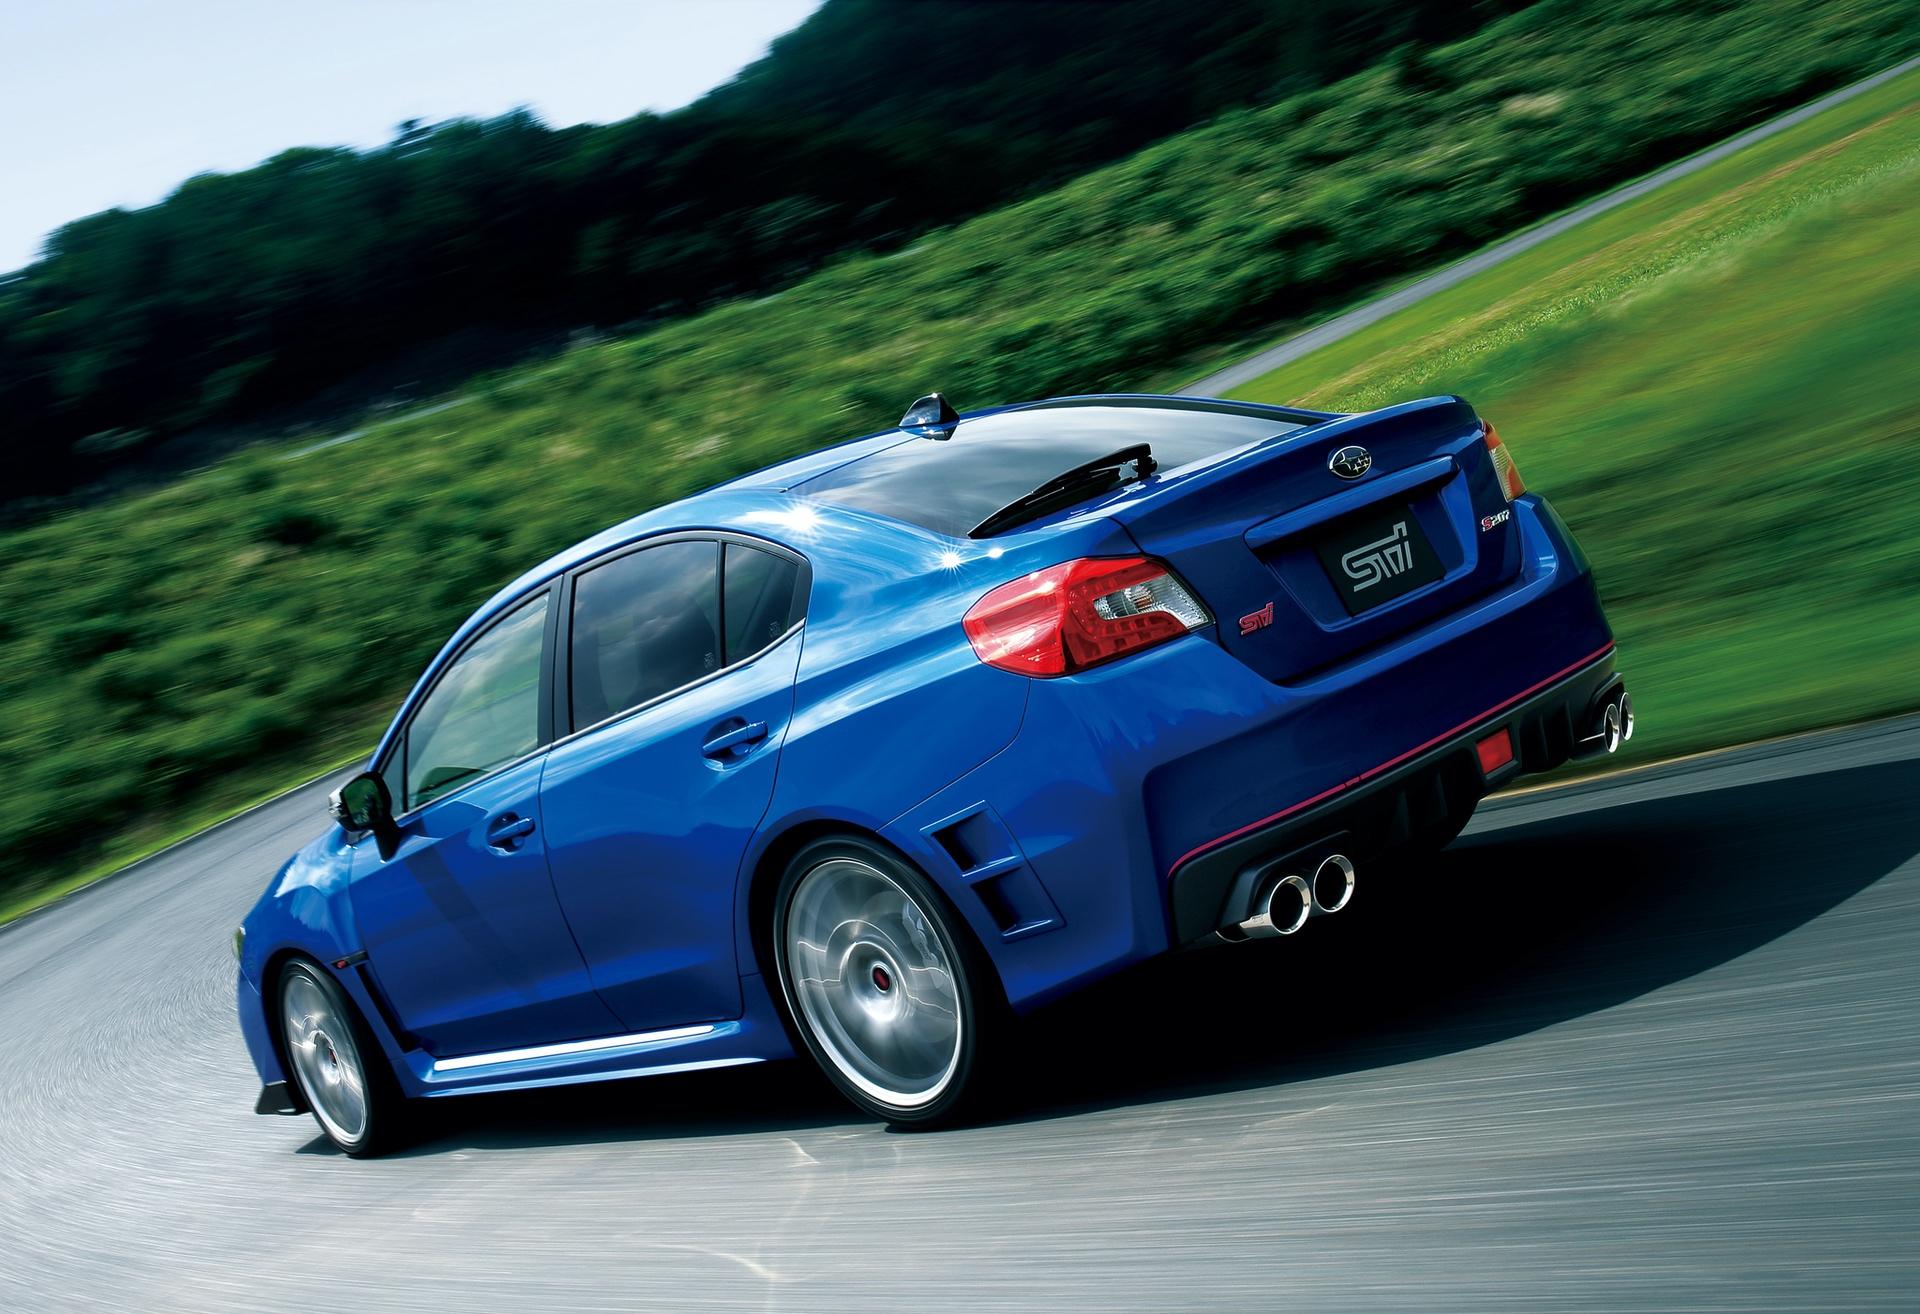 Subaru_Impreza_STI_S207_0008